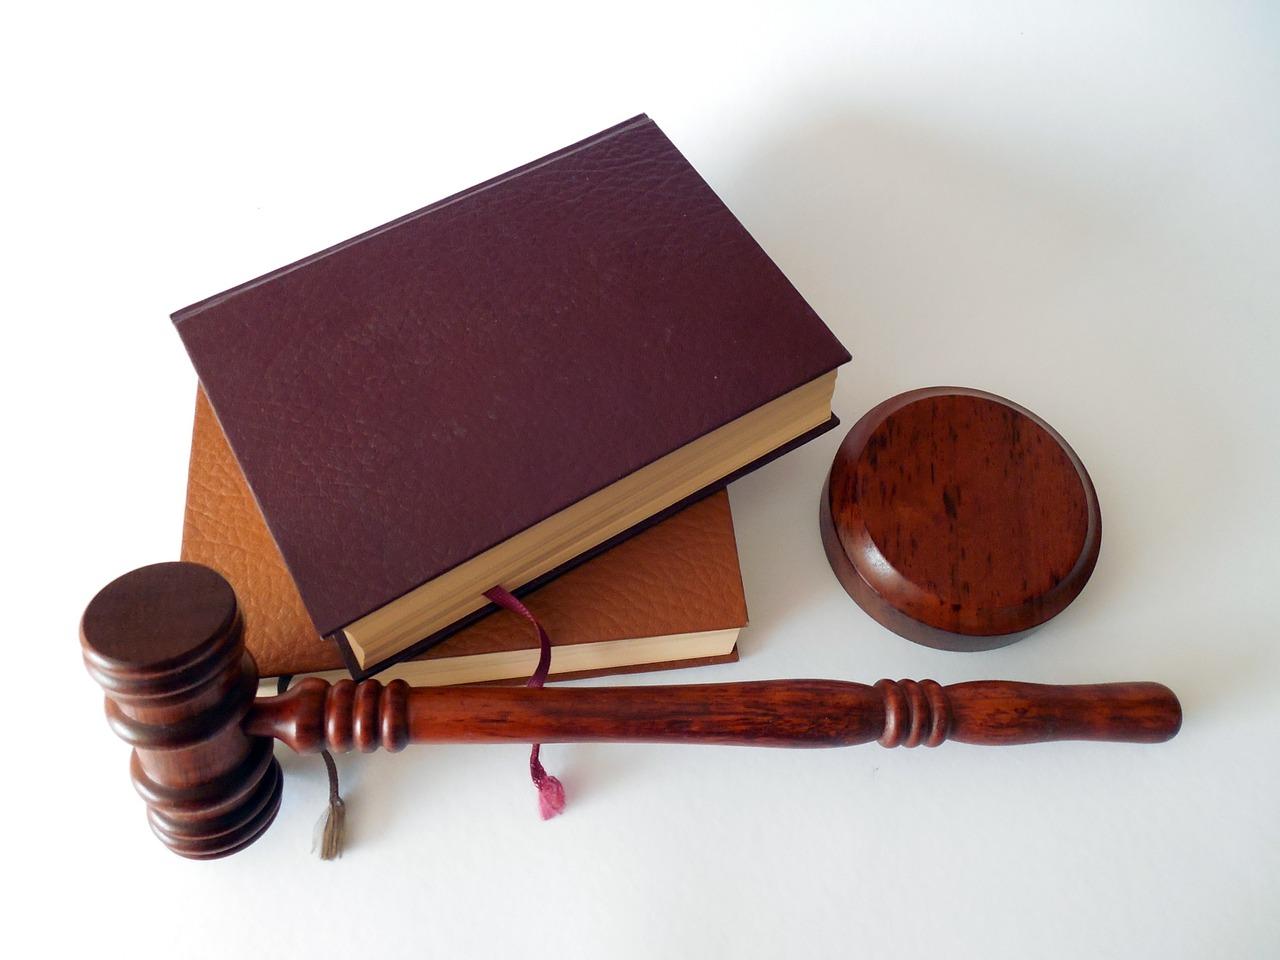 Abierto el plazo de presentación de solicitudes para la cobertura del cargo de Juez de Paz titular de Velilla